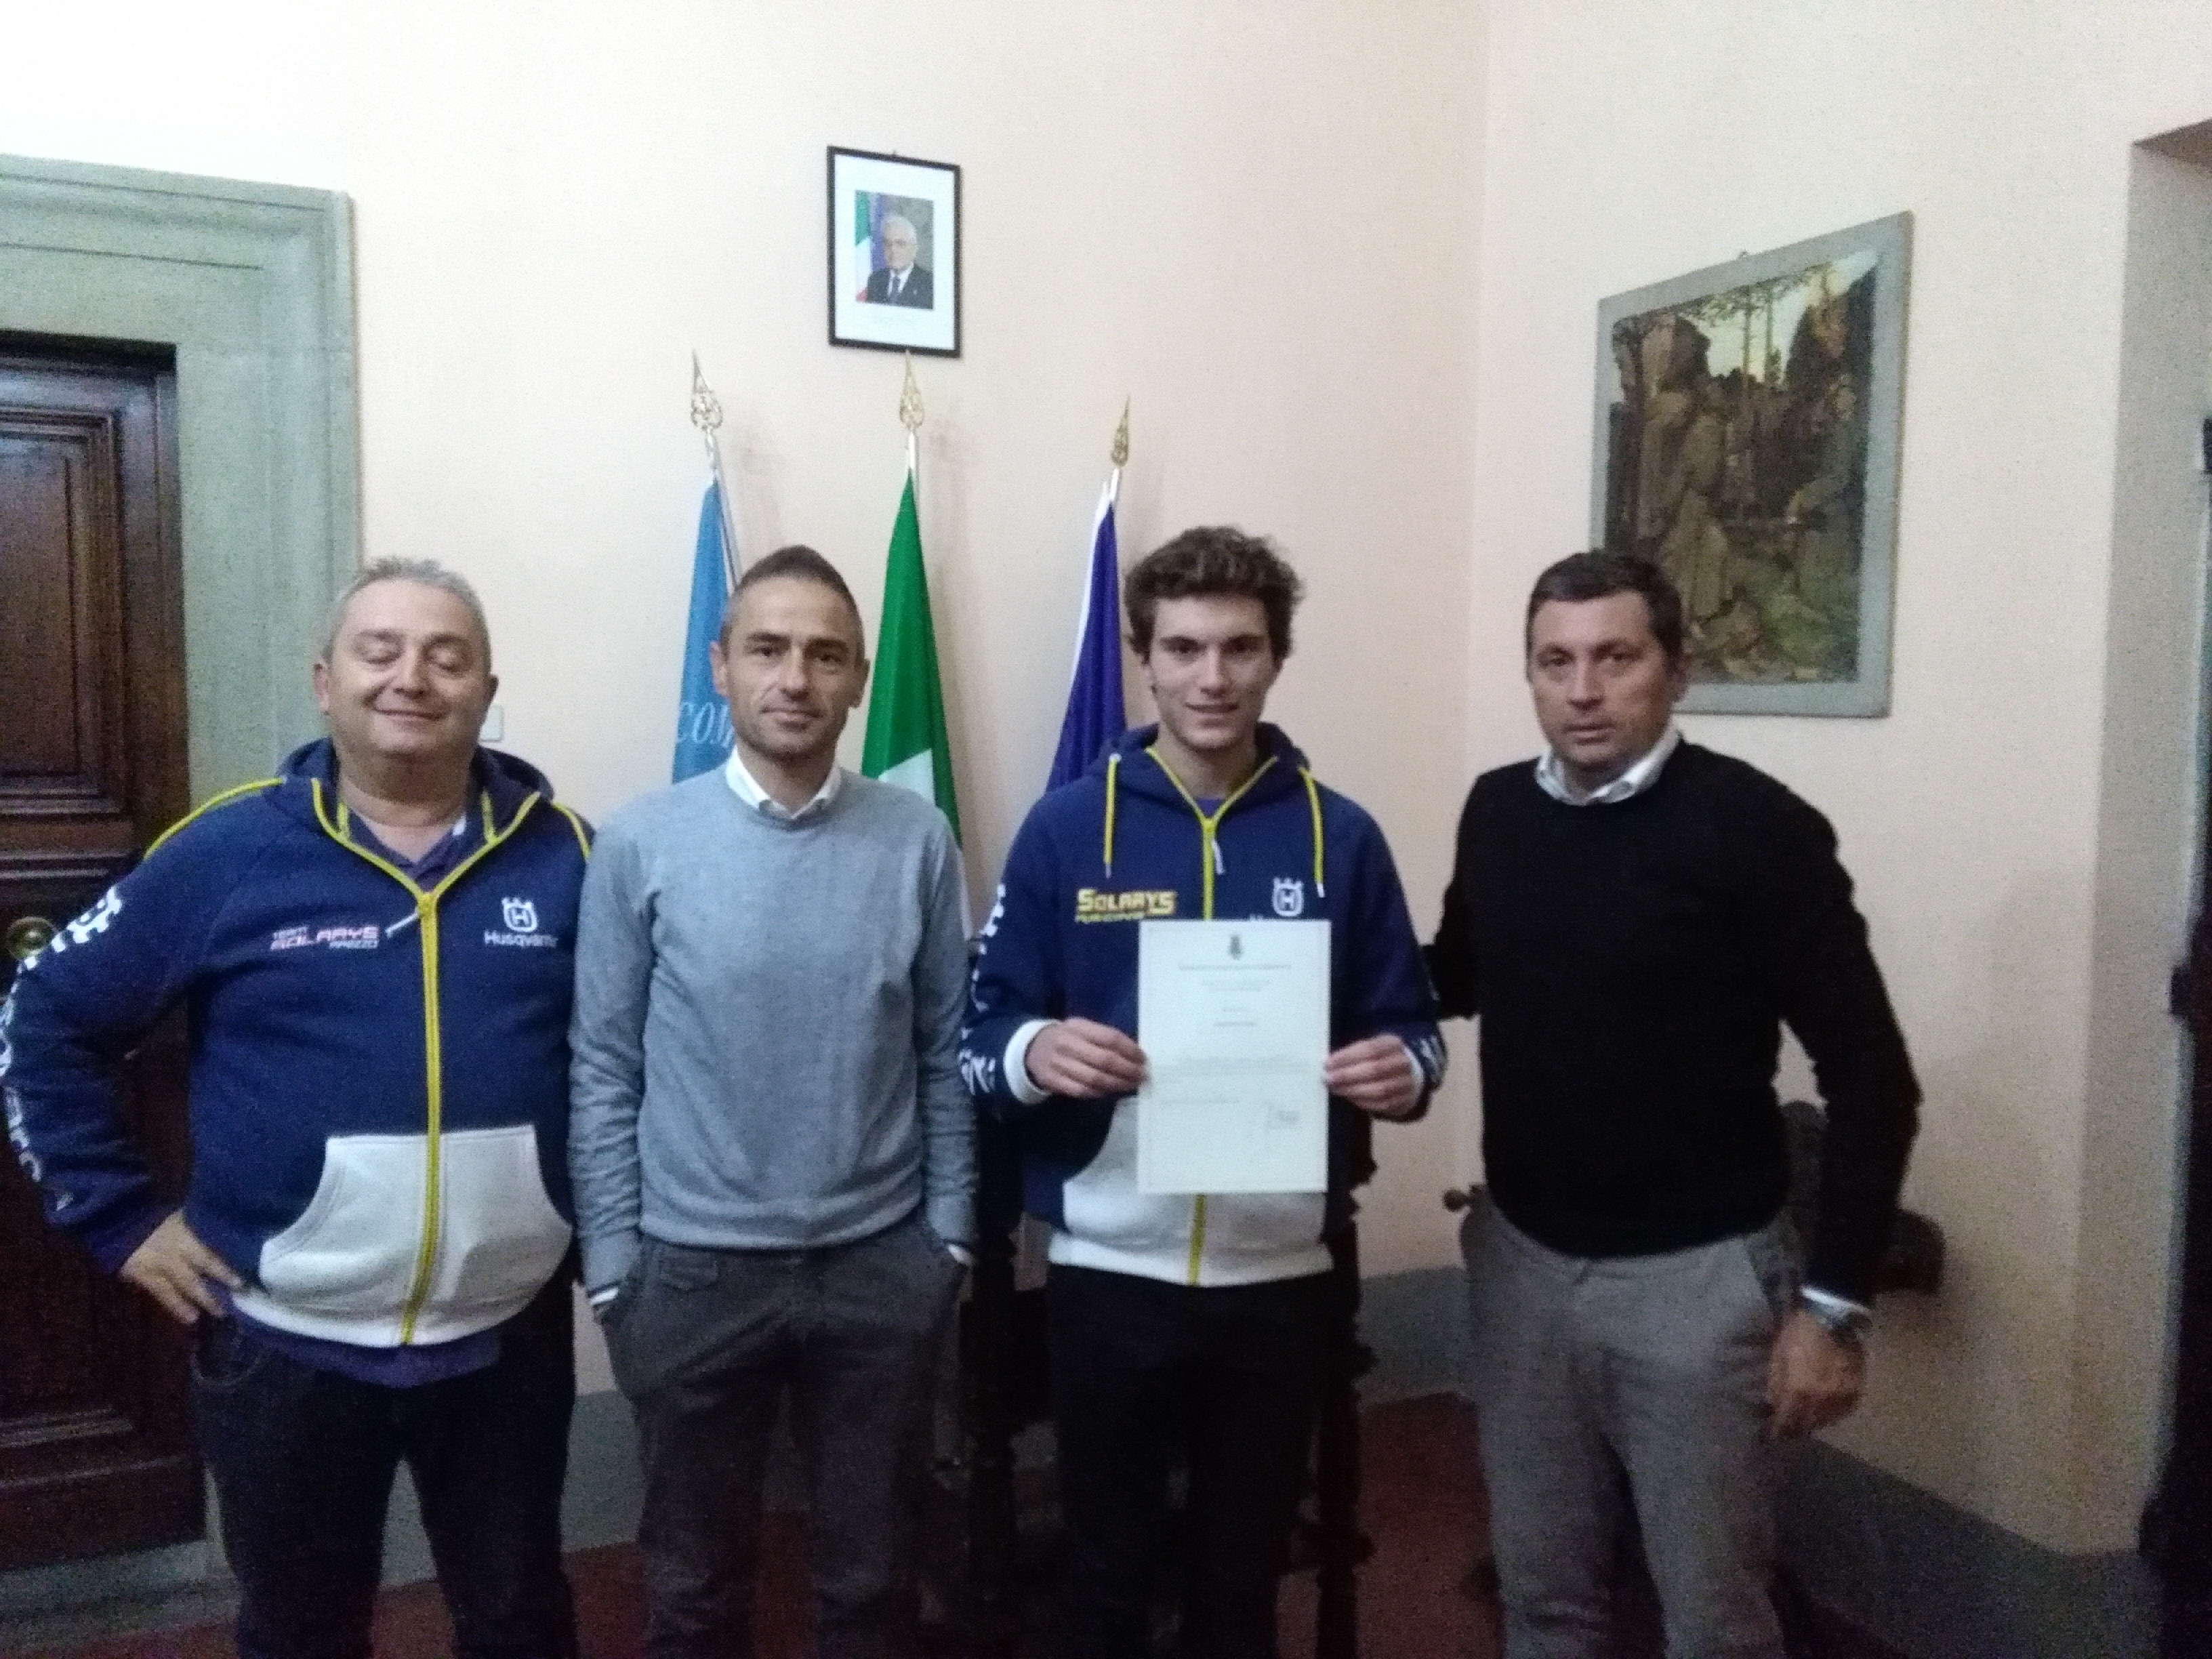 Tommaso Massi e Matteo Segantini, due sportivi castiglionesi premiati dall'Amministrazione